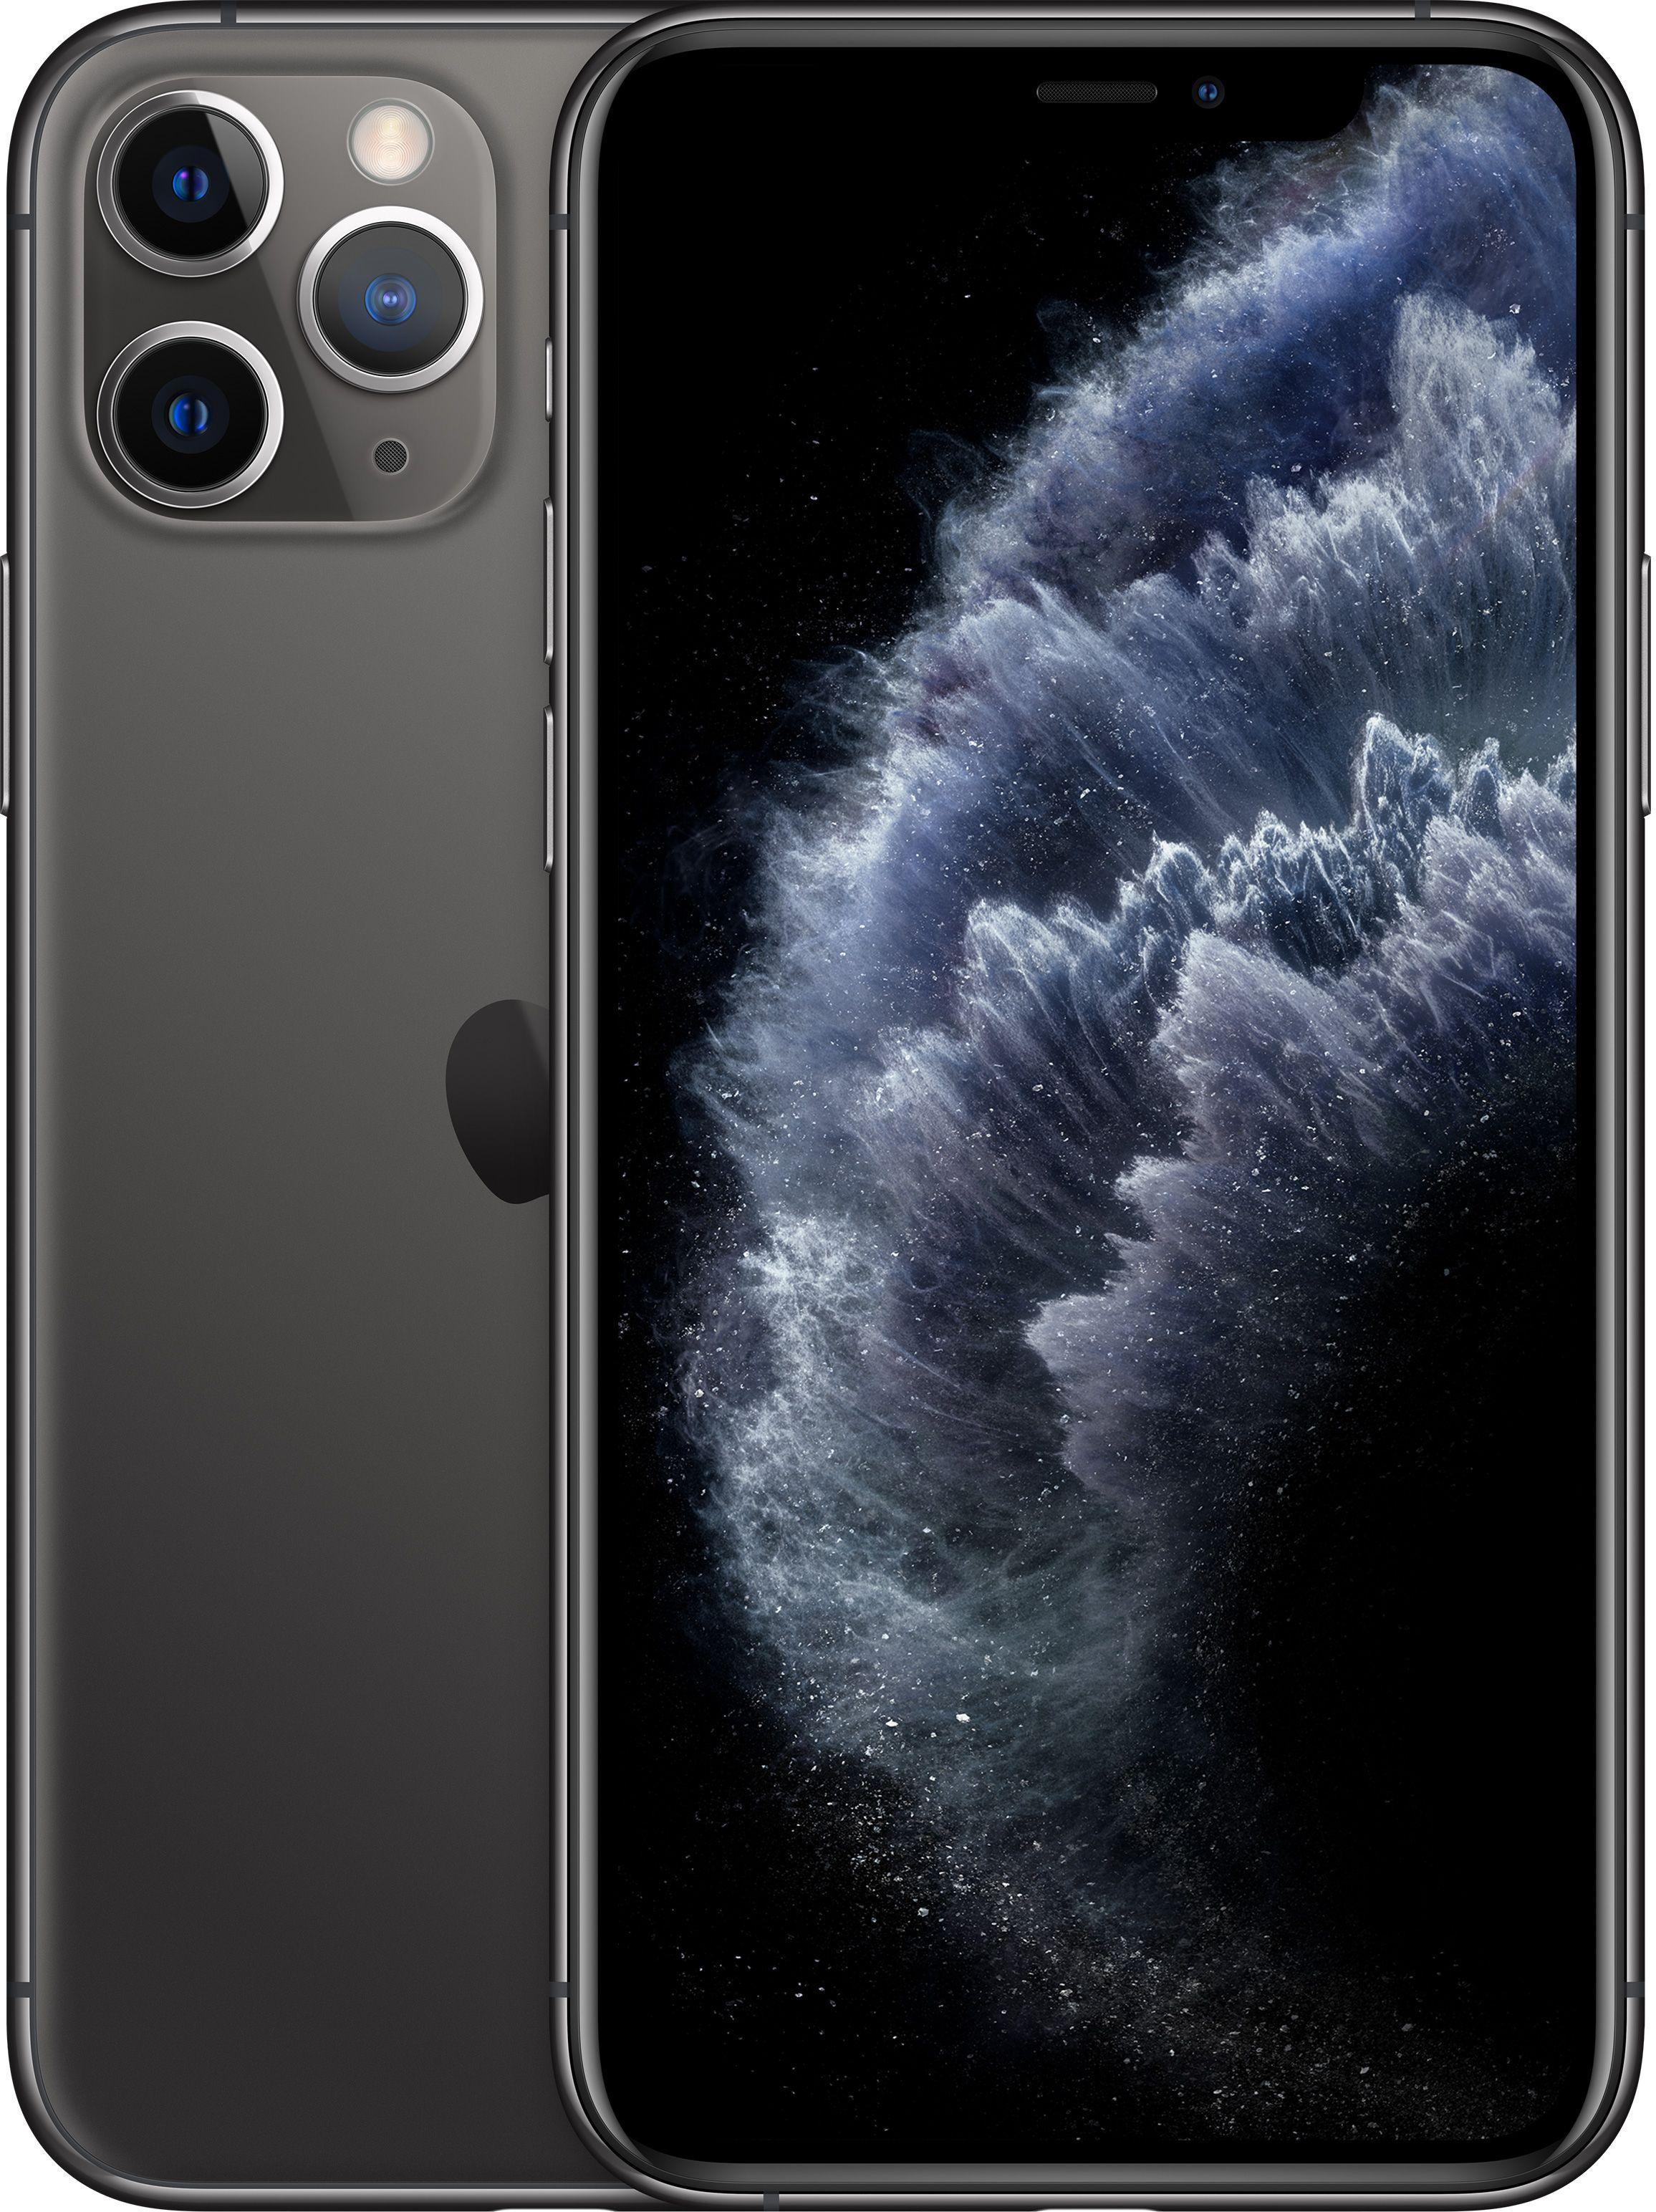 Мобильный телефон Apple iPhone 11 Pro Max 64GB (серый космос) фото